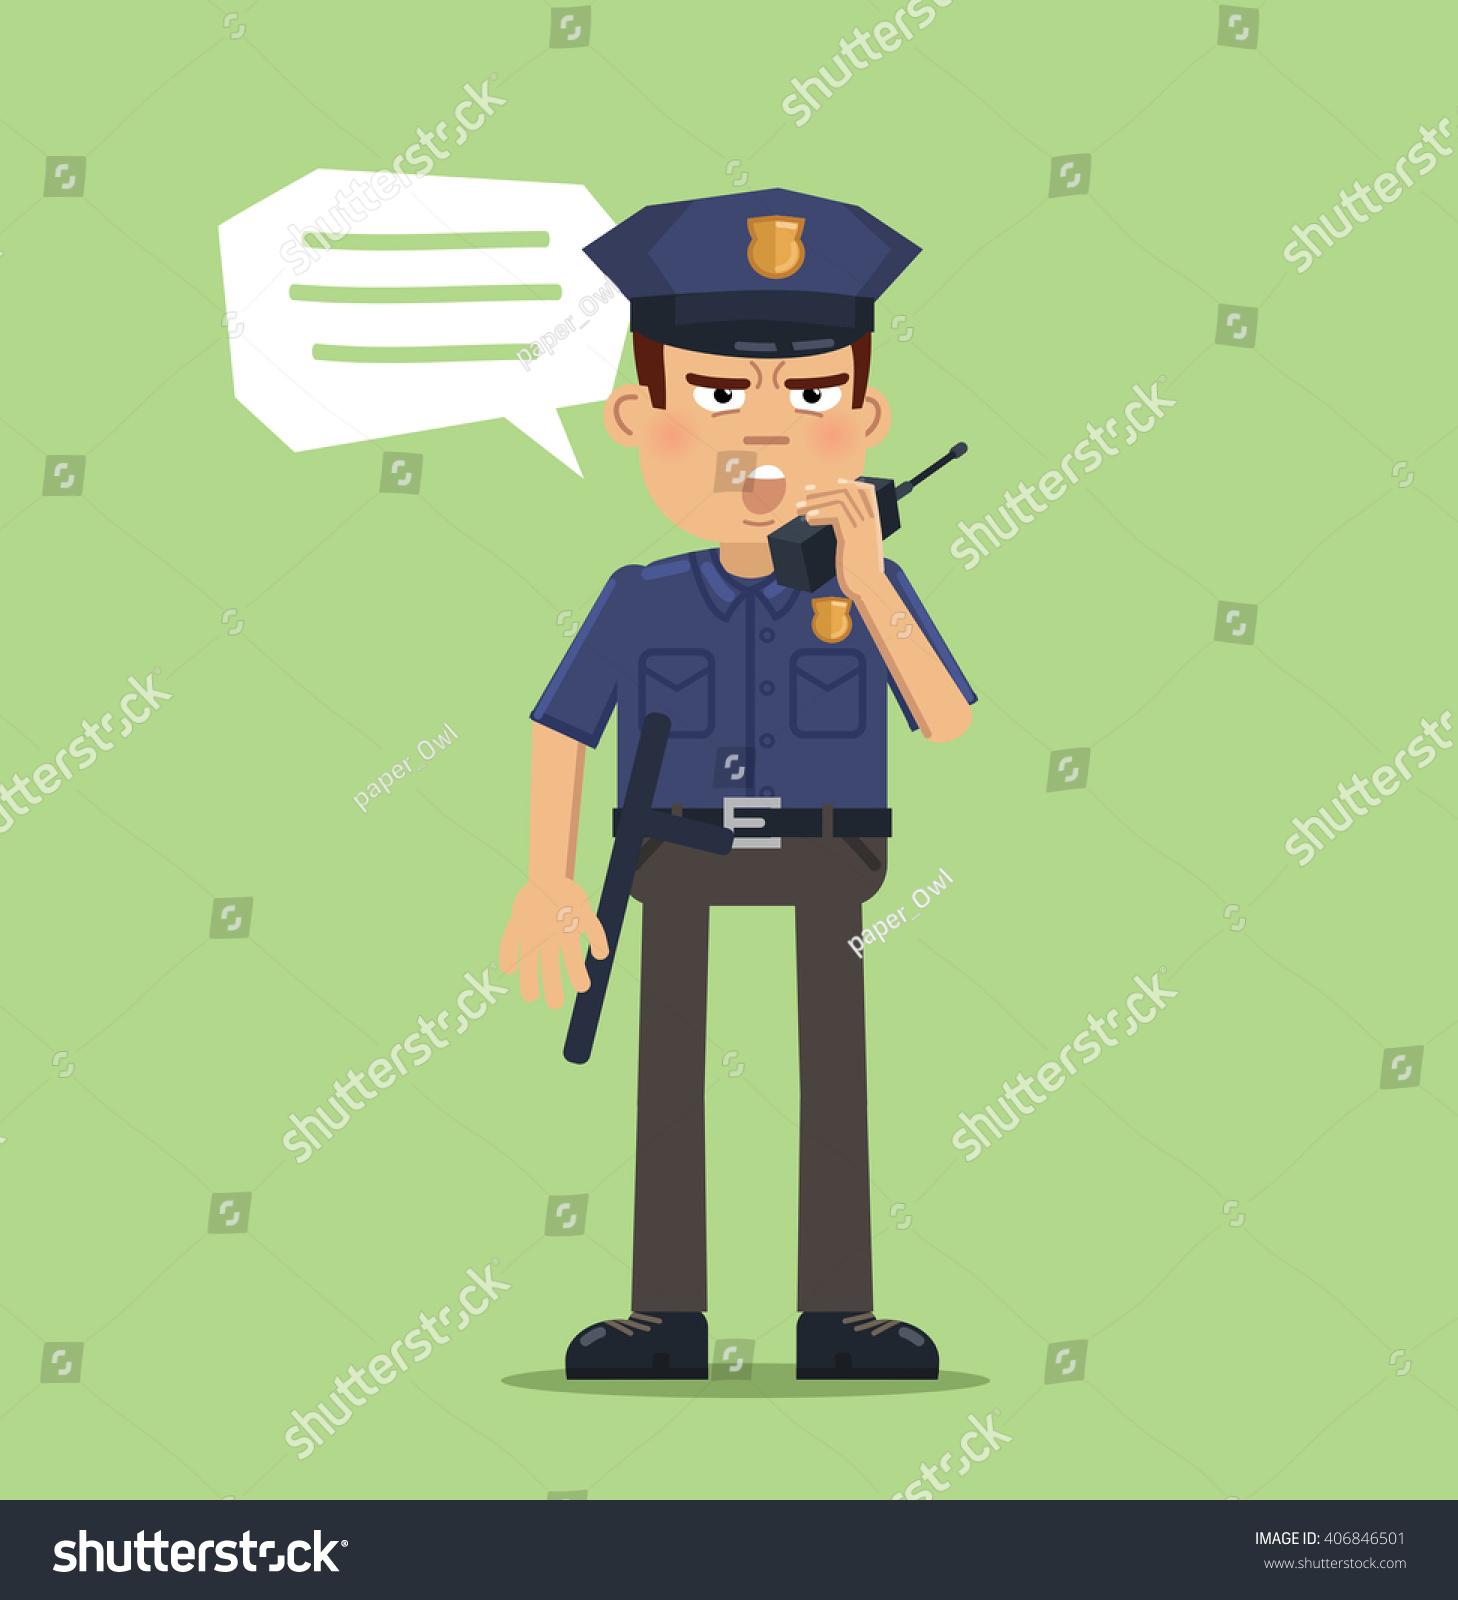 illustration policeman talking on walkietalkie police stock vector